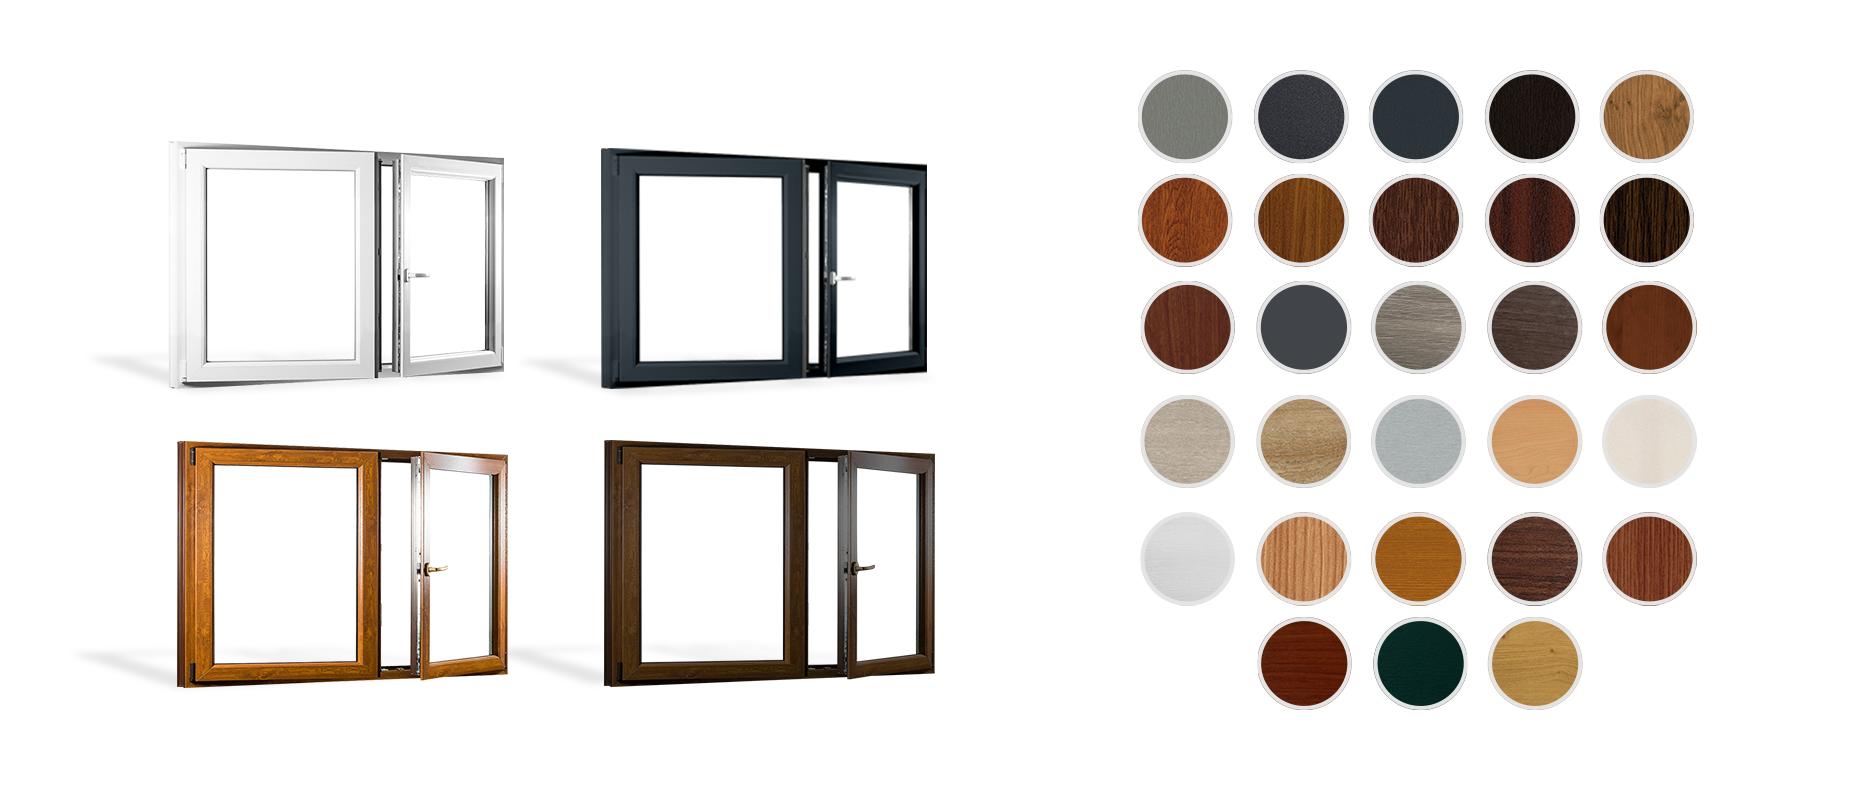 Plastová okna PREMIUM a REHAU SYNEGO AD jsou v nabídce ve 28 barvách plus základní bílé barvě. Foto: Skladová-okna.cz